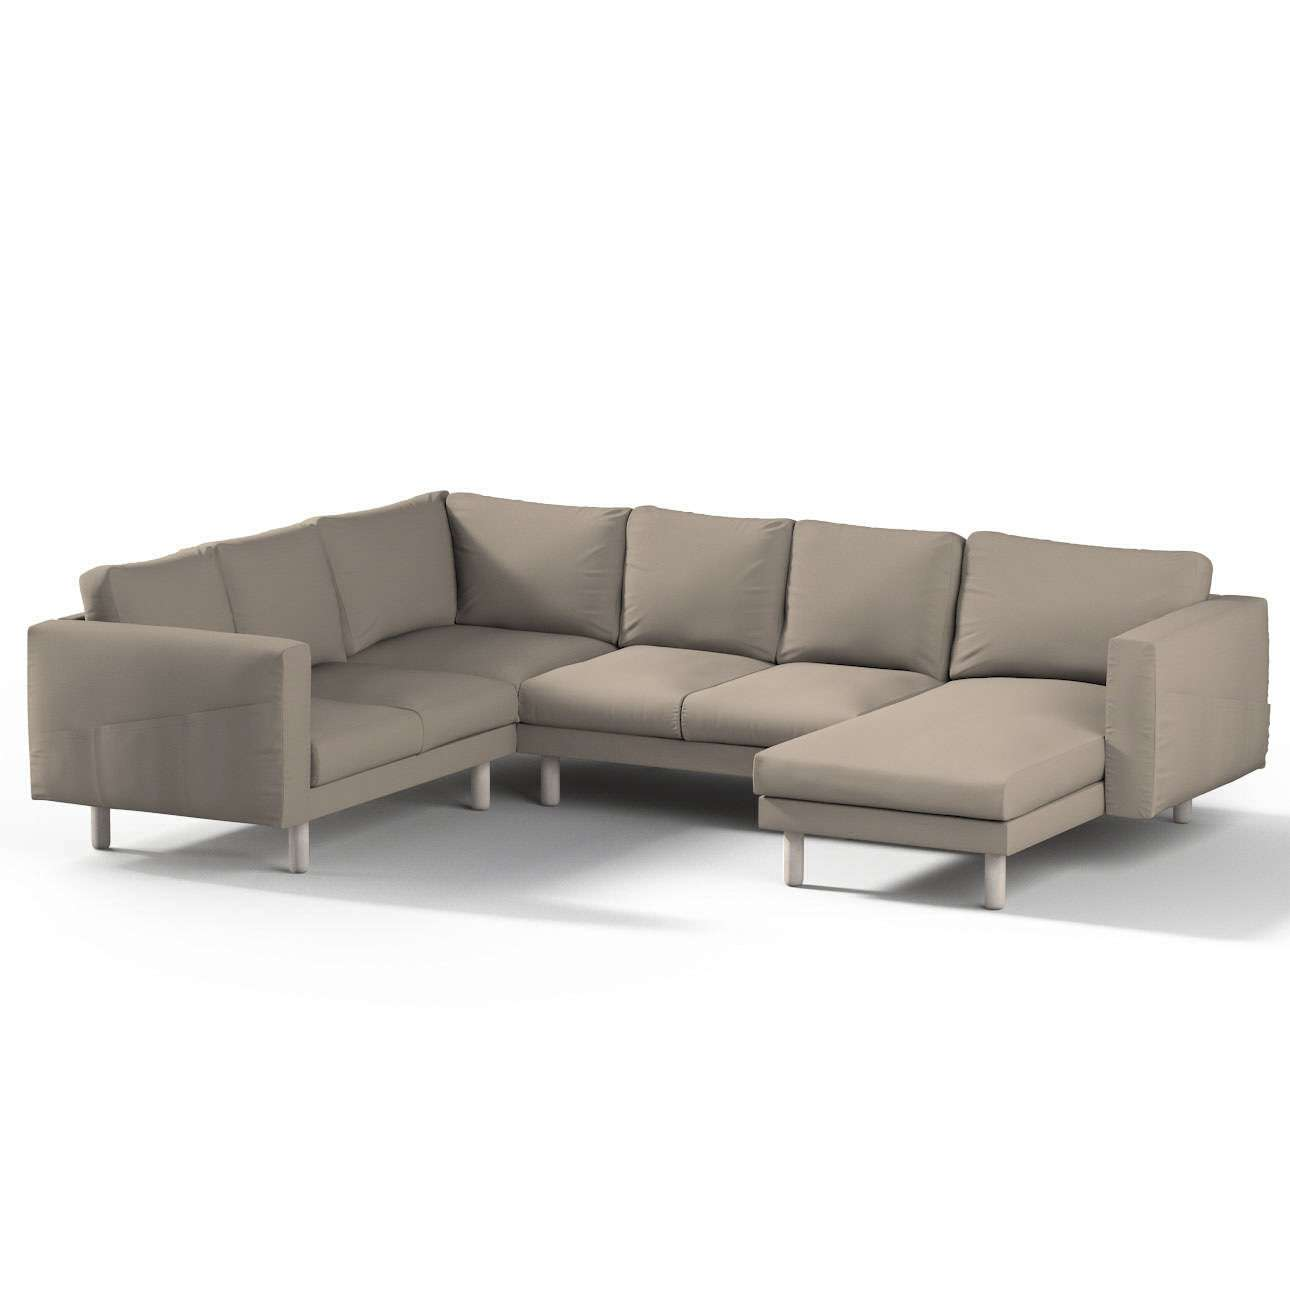 Pokrowiec na sofę narożną Norsborg 5-osobową z szezlongiem w kolekcji Cotton Panama, tkanina: 702-28